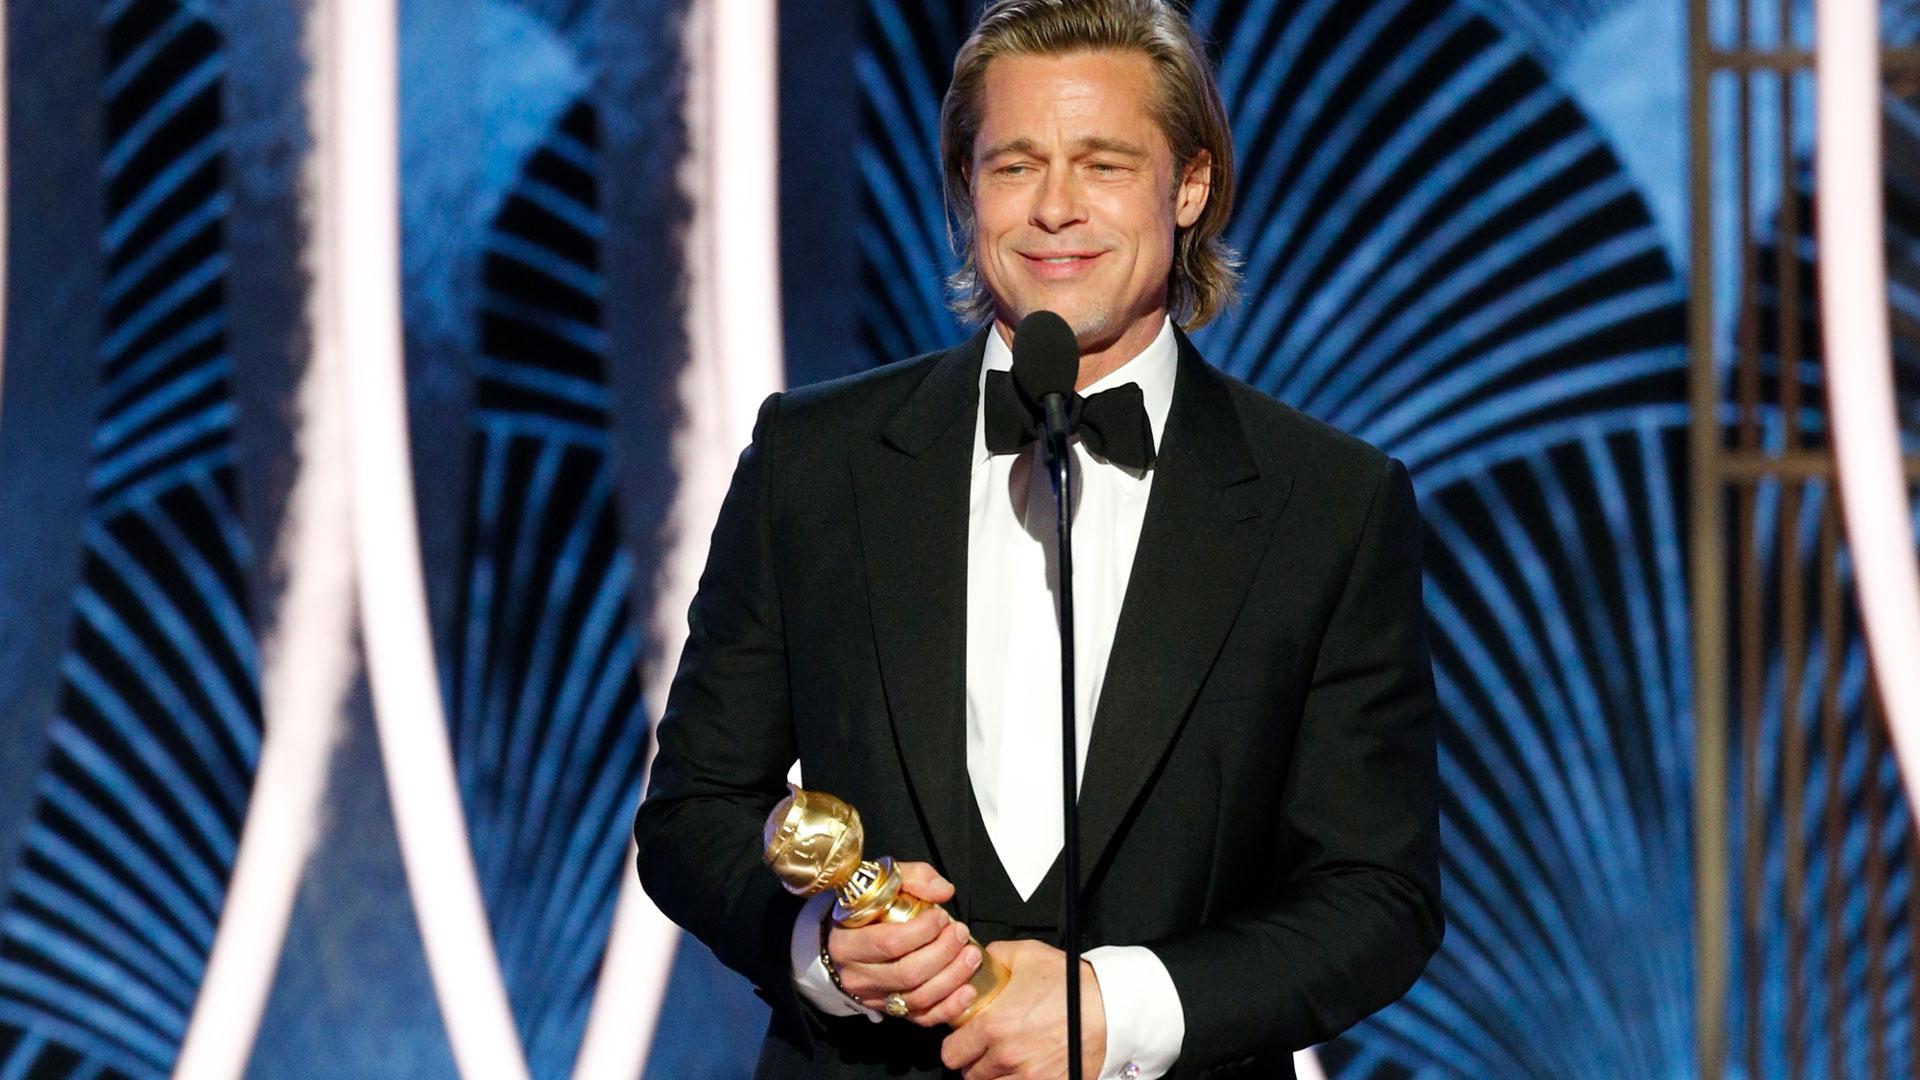 Watch The Golden Globe Awards Highlight: Brad Pitt Wins ...